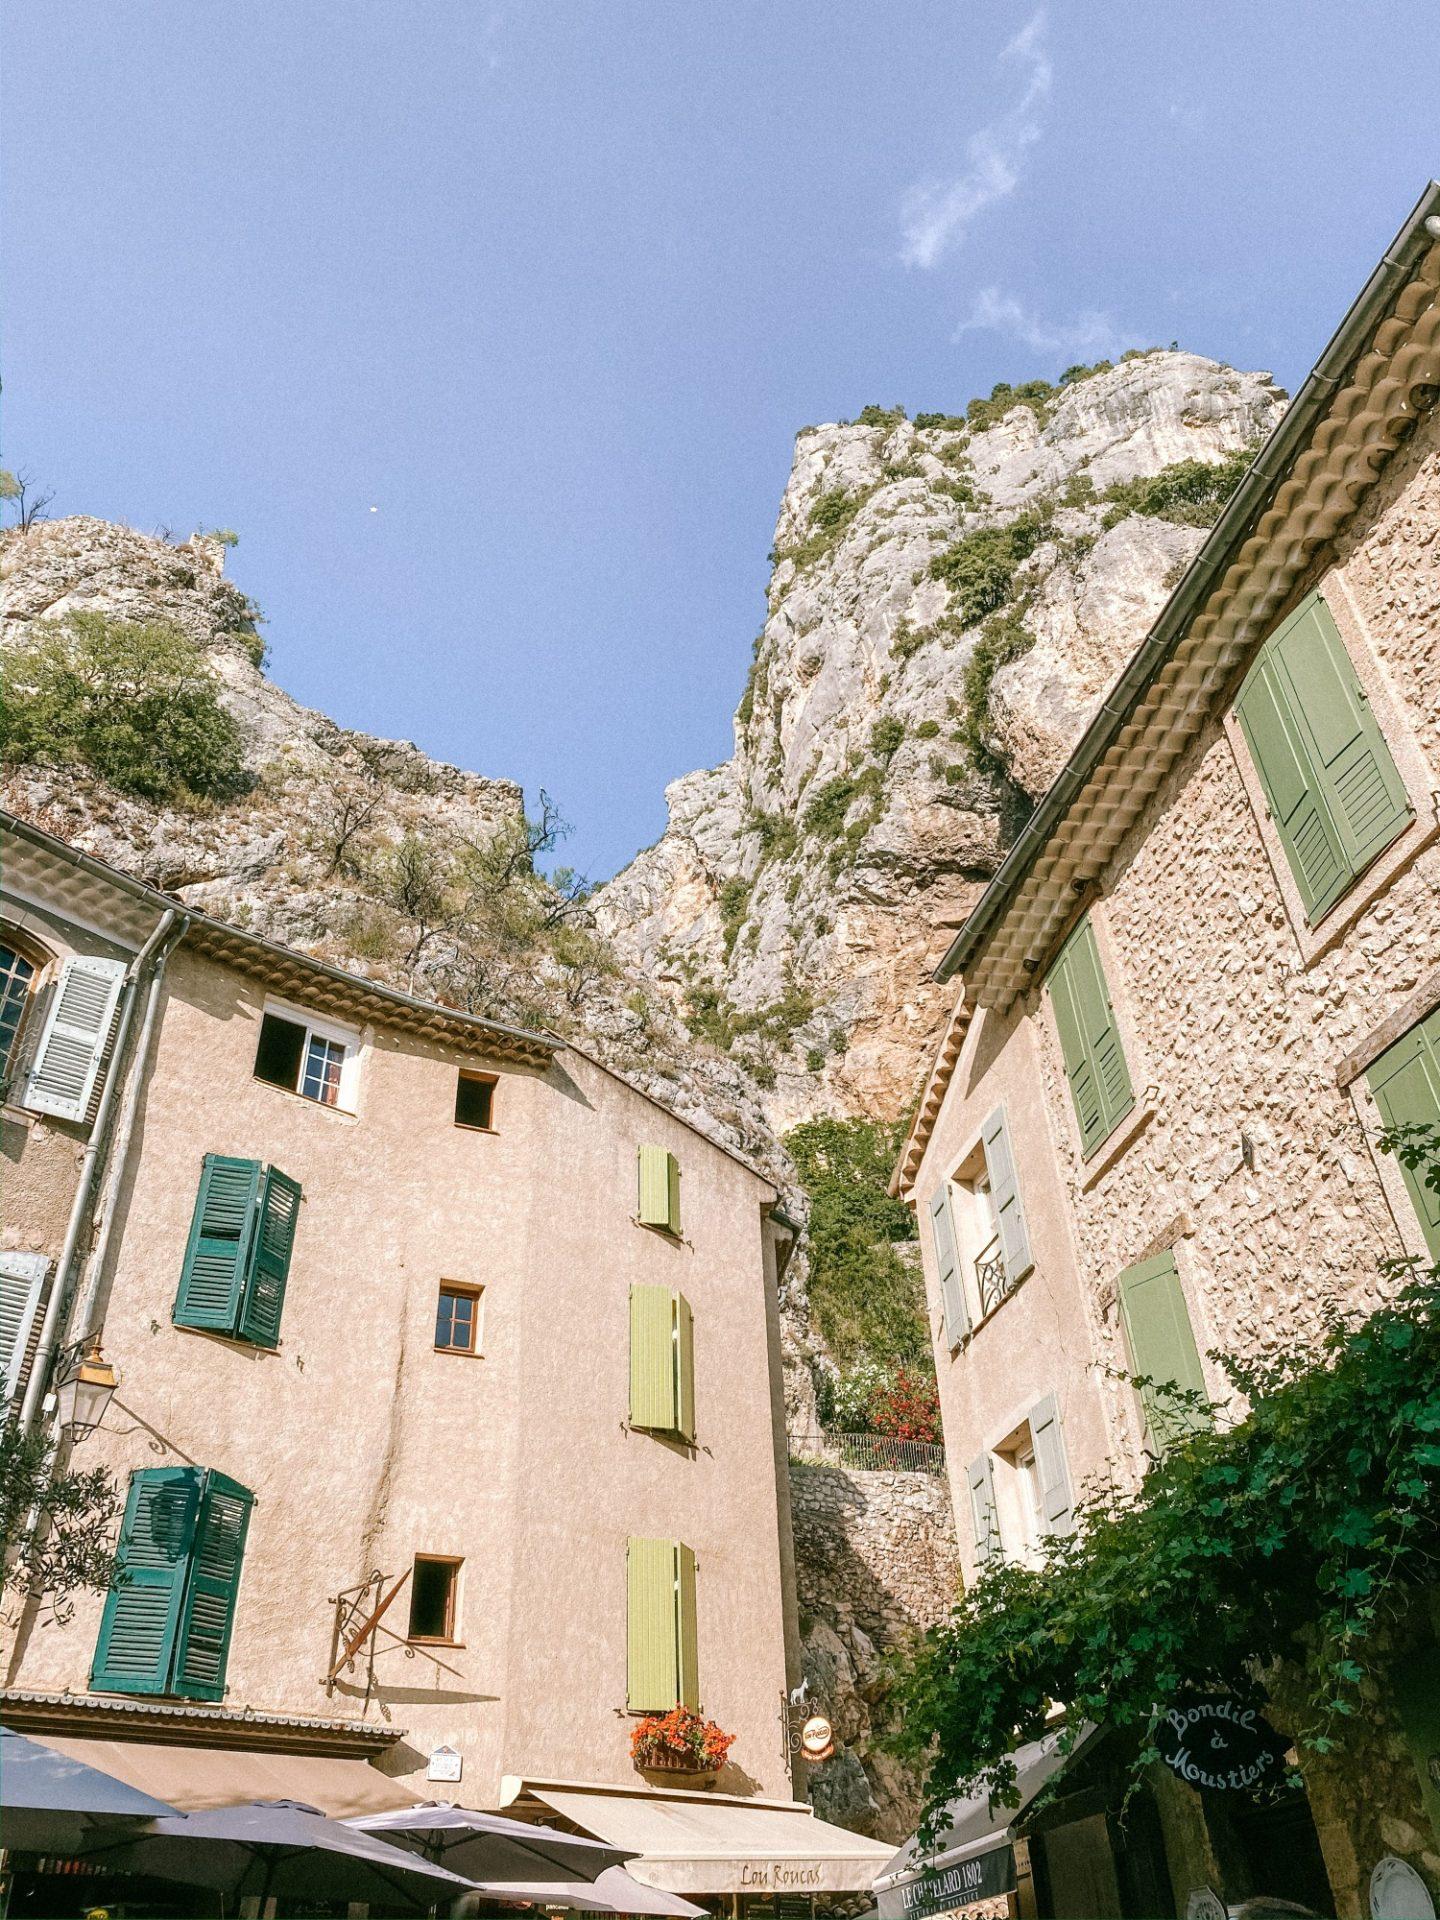 Visiter Moustiers Sainte-Marie - Blondie Baby blog voyages